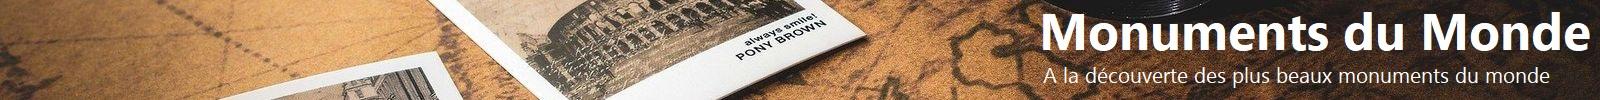 Bandeau Christ rédempteur du Corcovado, à Rio